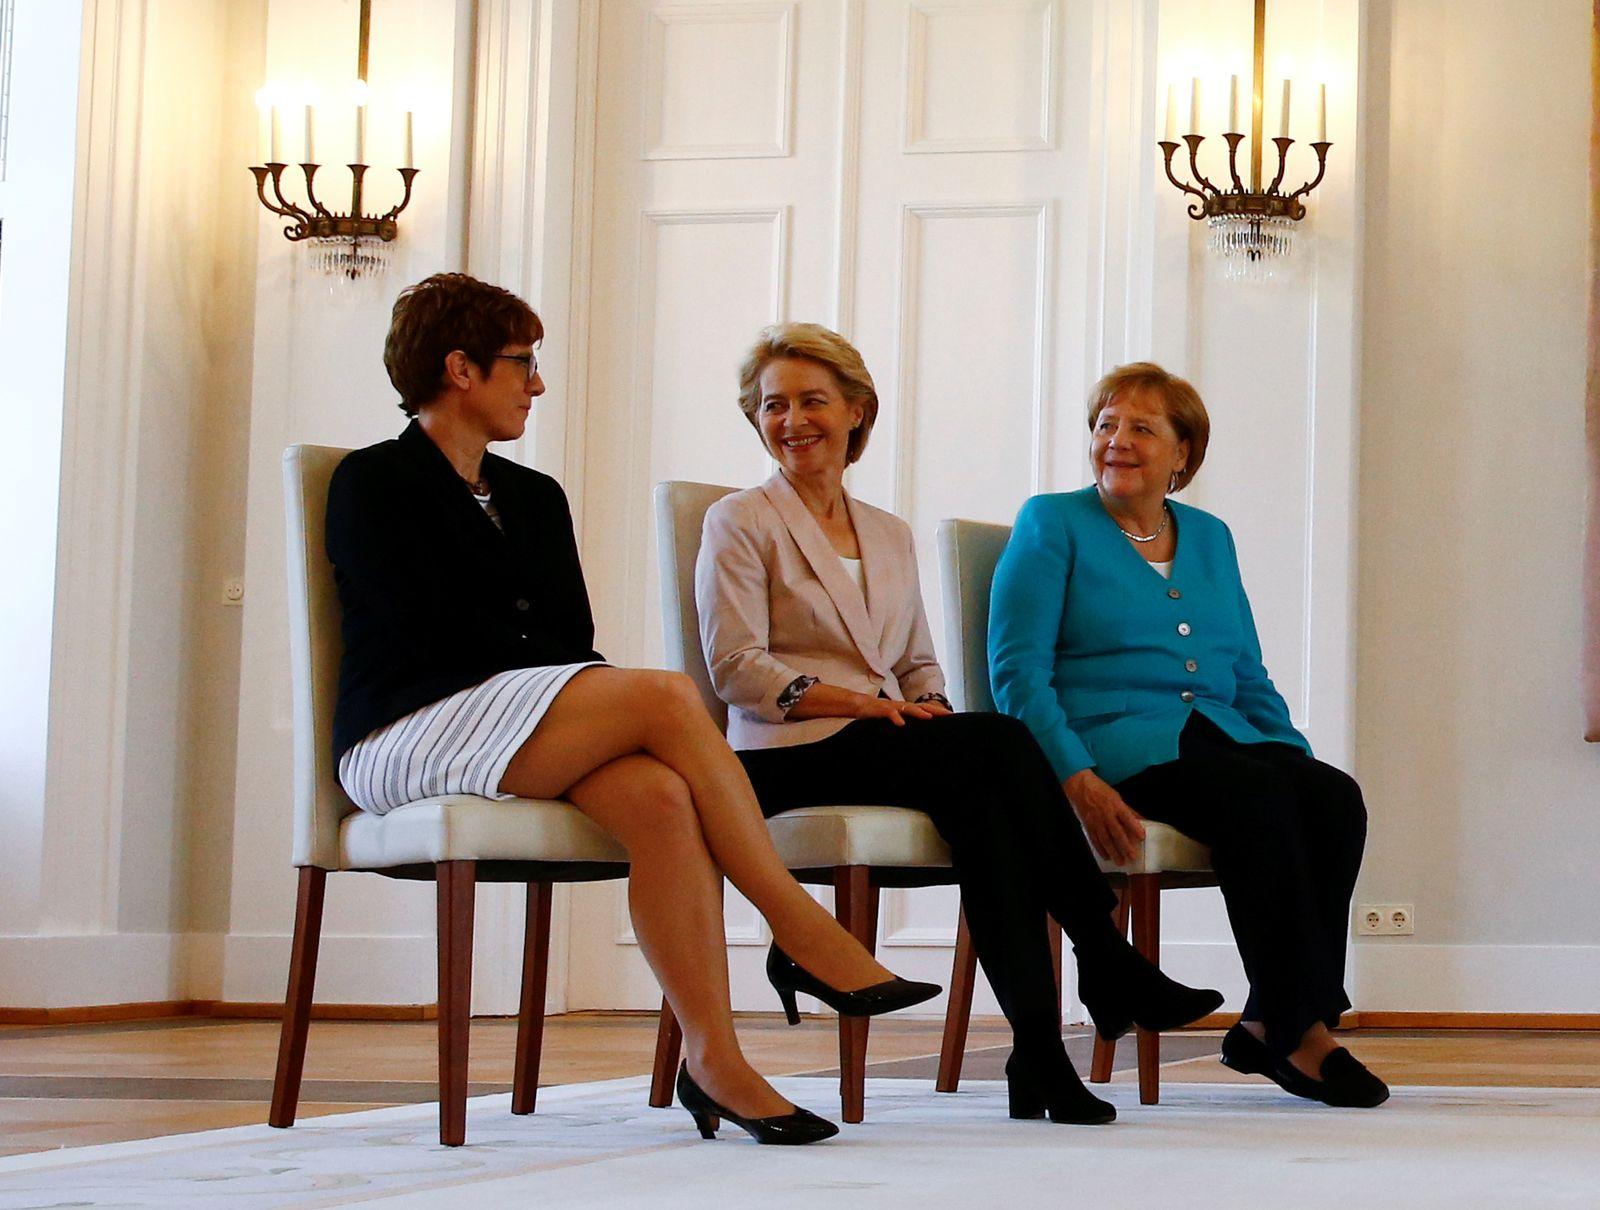 Annegret Kramp-Karrenbauer Angela Merkel Ursula von der Leyen